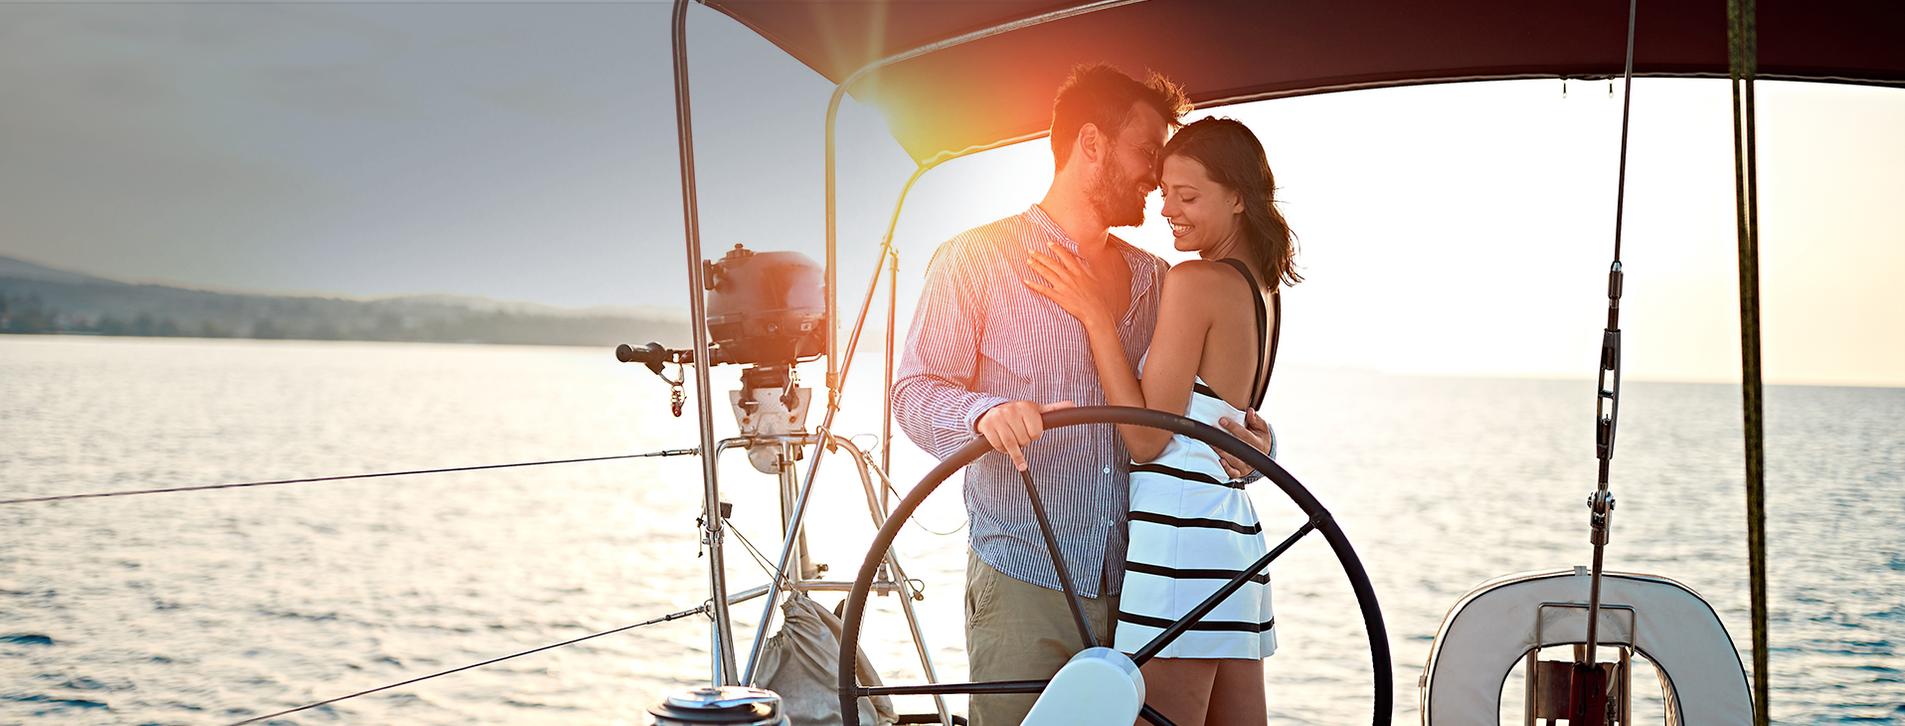 Фото - Закат на яхте для двоих